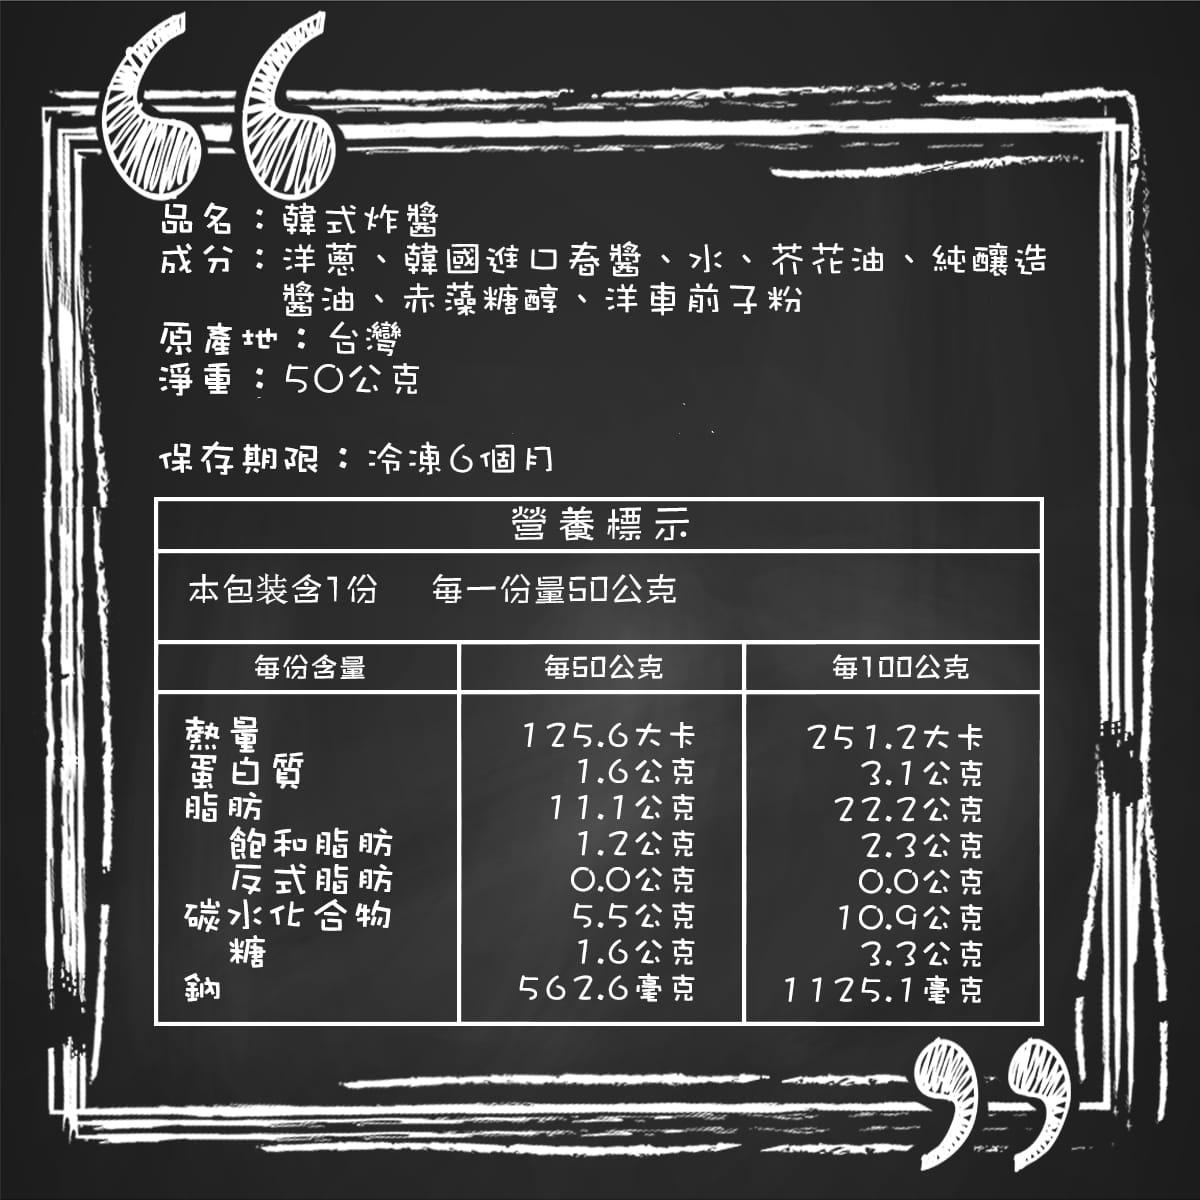 【Bango】無澱粉韓式炸醬拉麵/擔擔麻醬拉麵 5